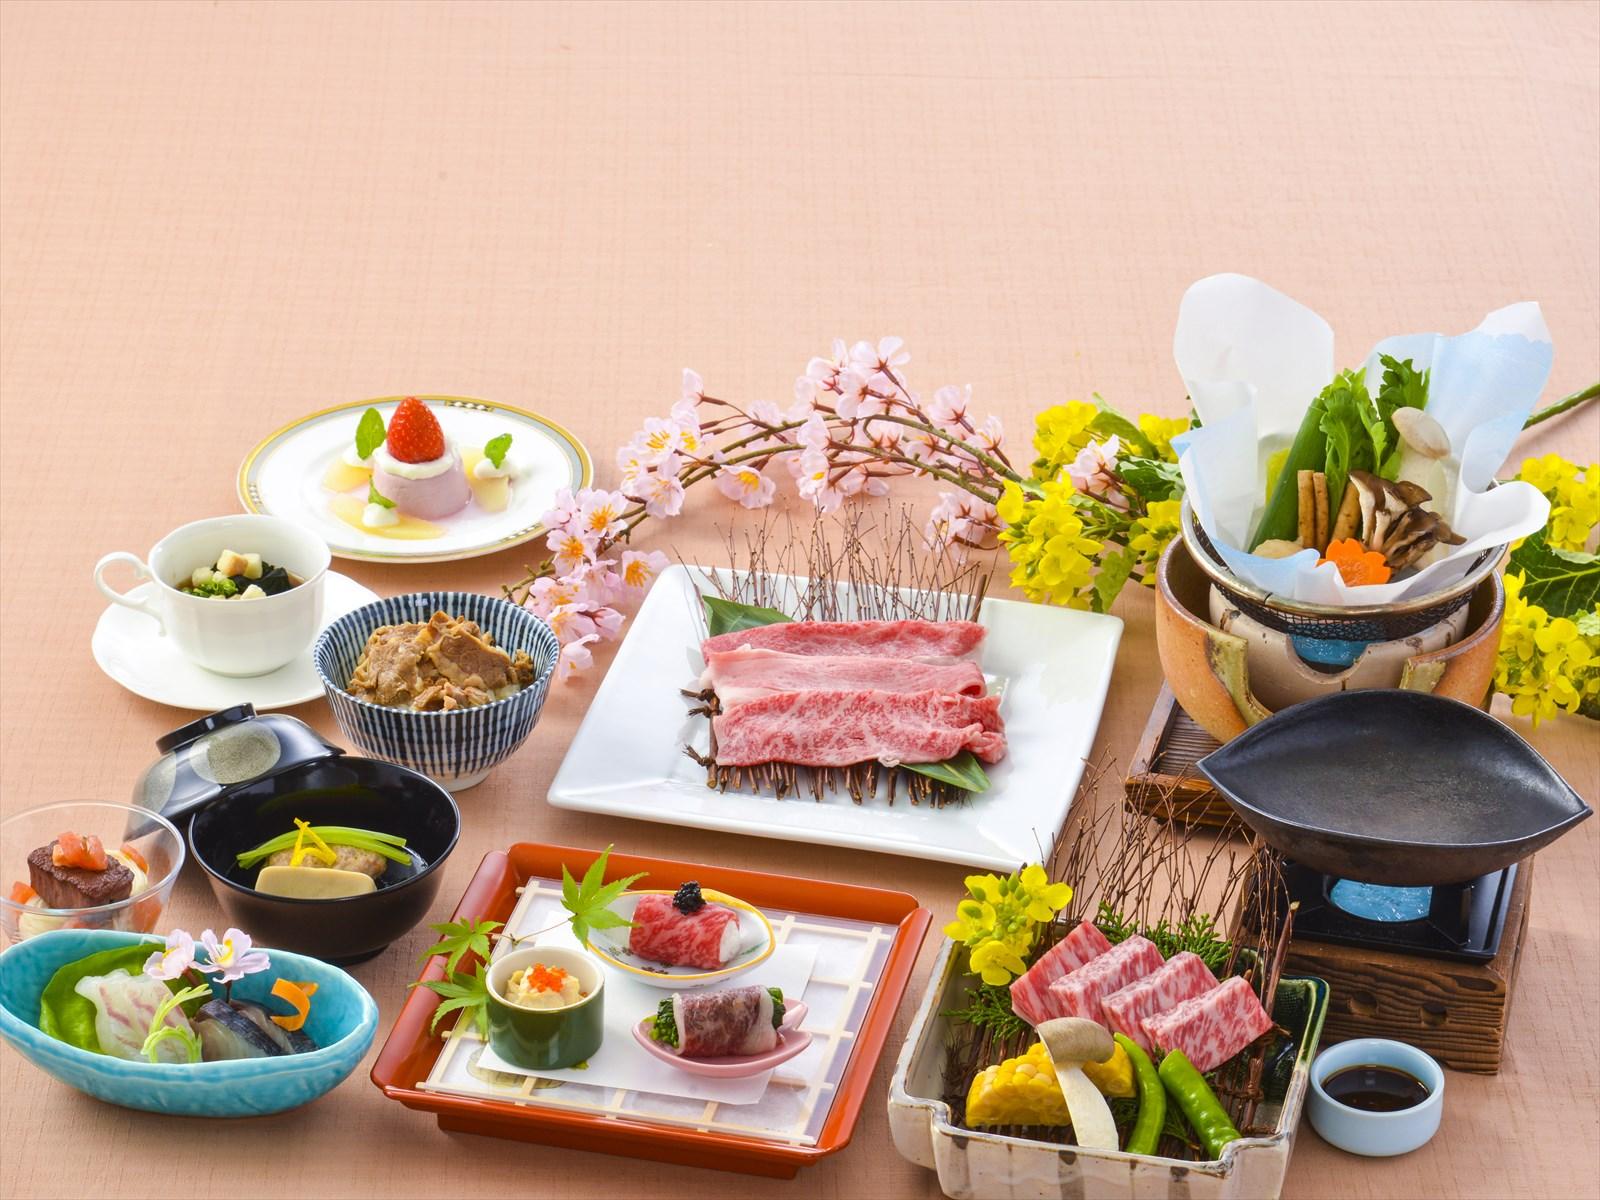 【夕食・朝食付】近江牛のすき焼きや京都牛を使った前菜など京味宴(きょうあじえん)会席|5月まで